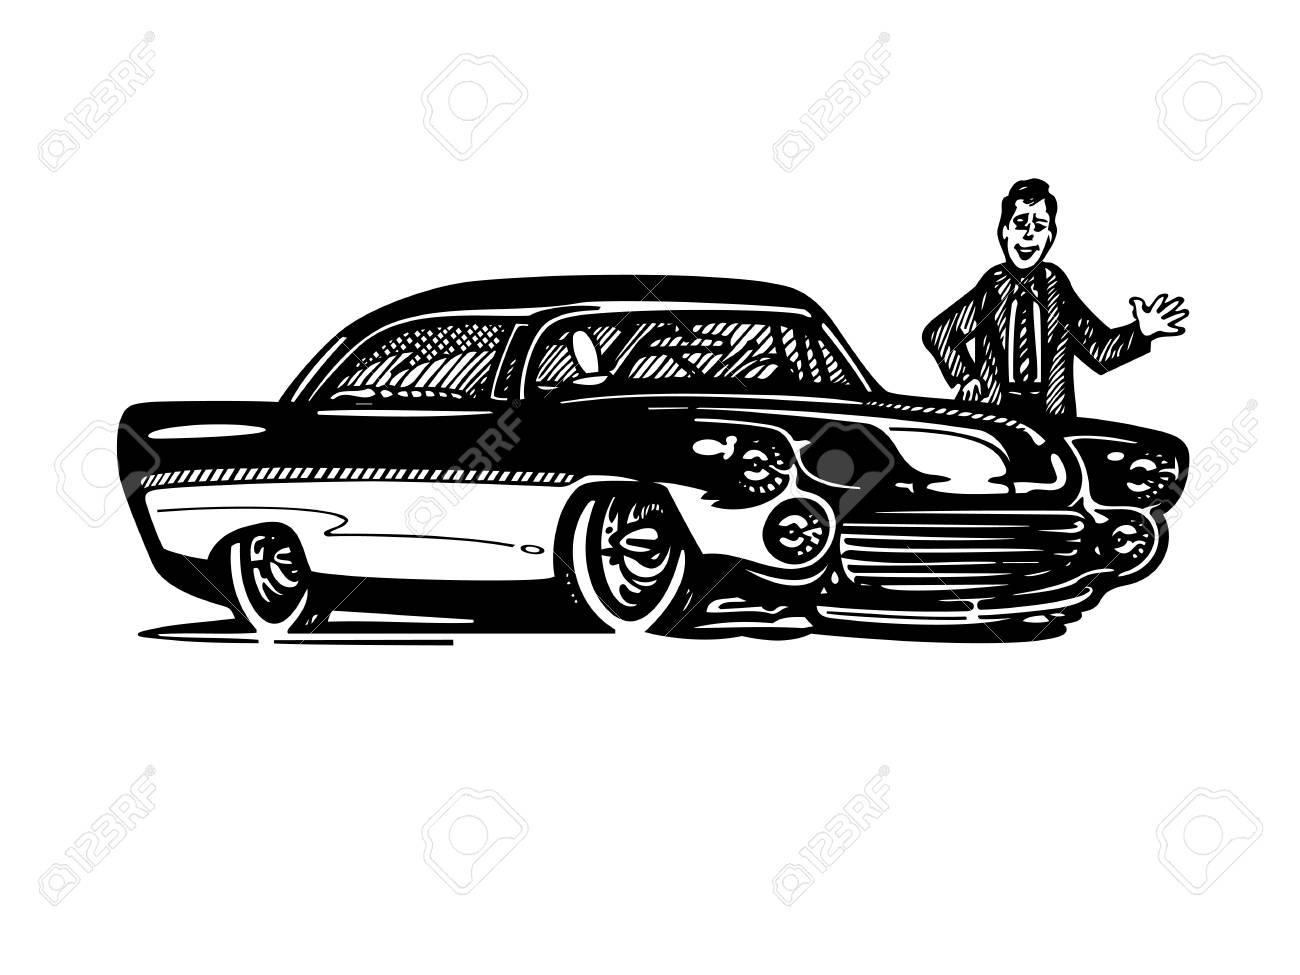 レトロなホットロッド車アート漫画イラストをベクトルしますビンテージ